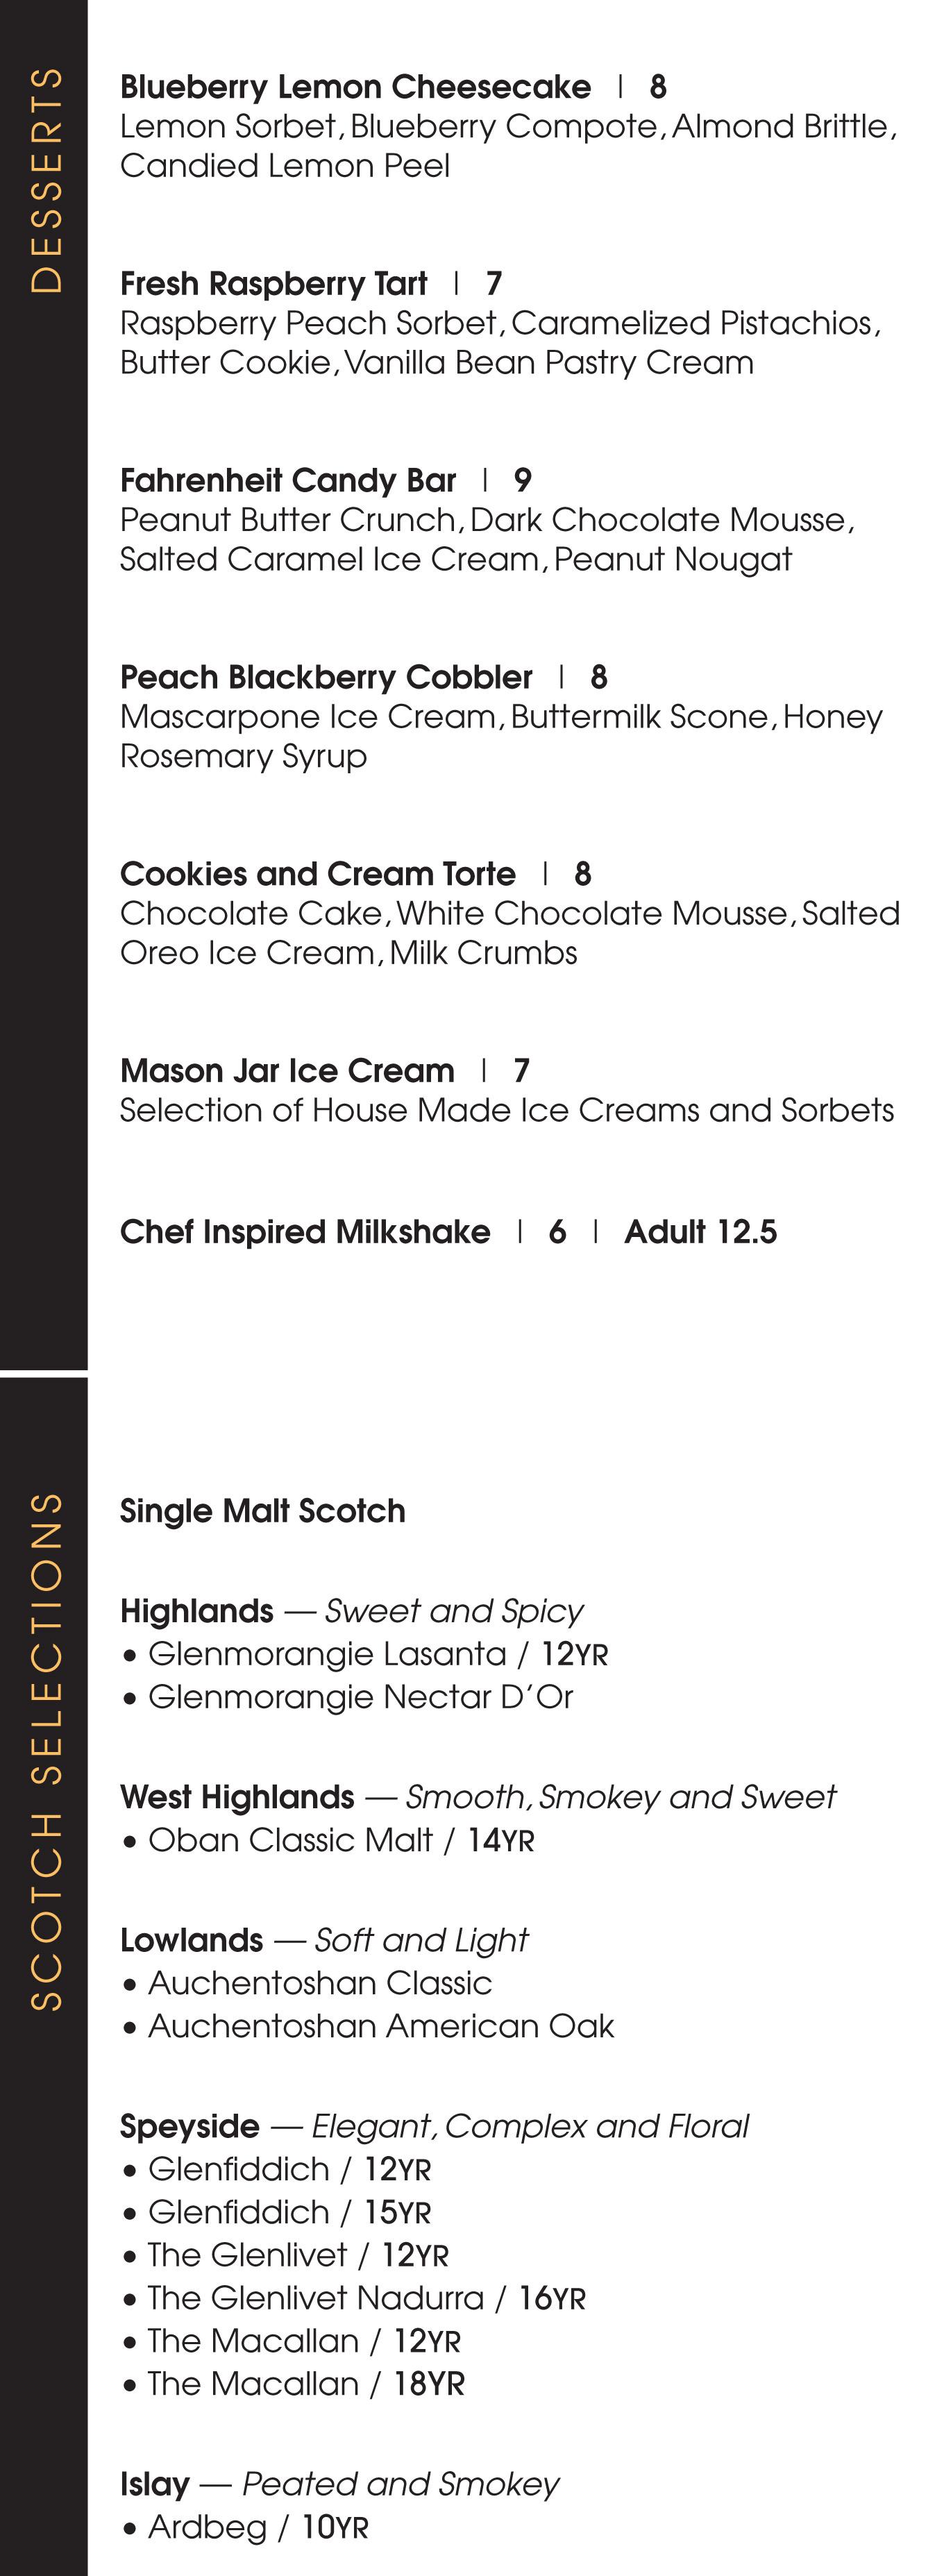 CLT_Desserts_031417_FINAL